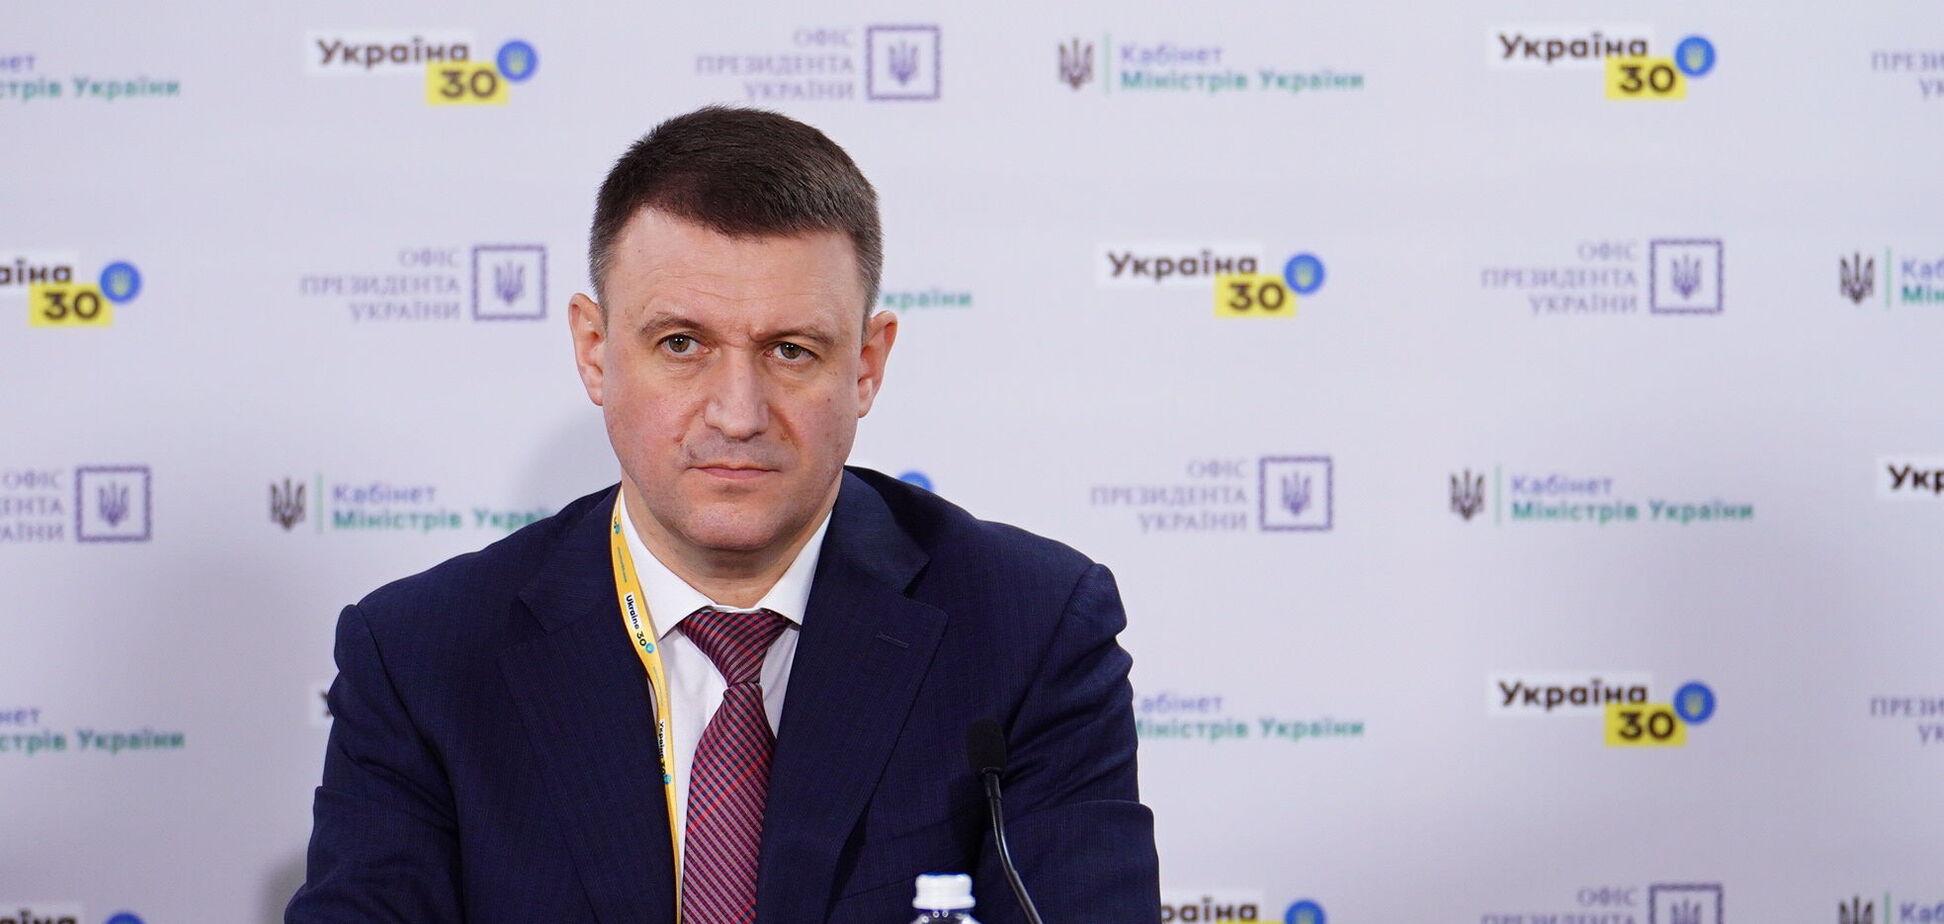 Мельник оголосив про запуск Офісу ефективної взаємодії з бізнесом